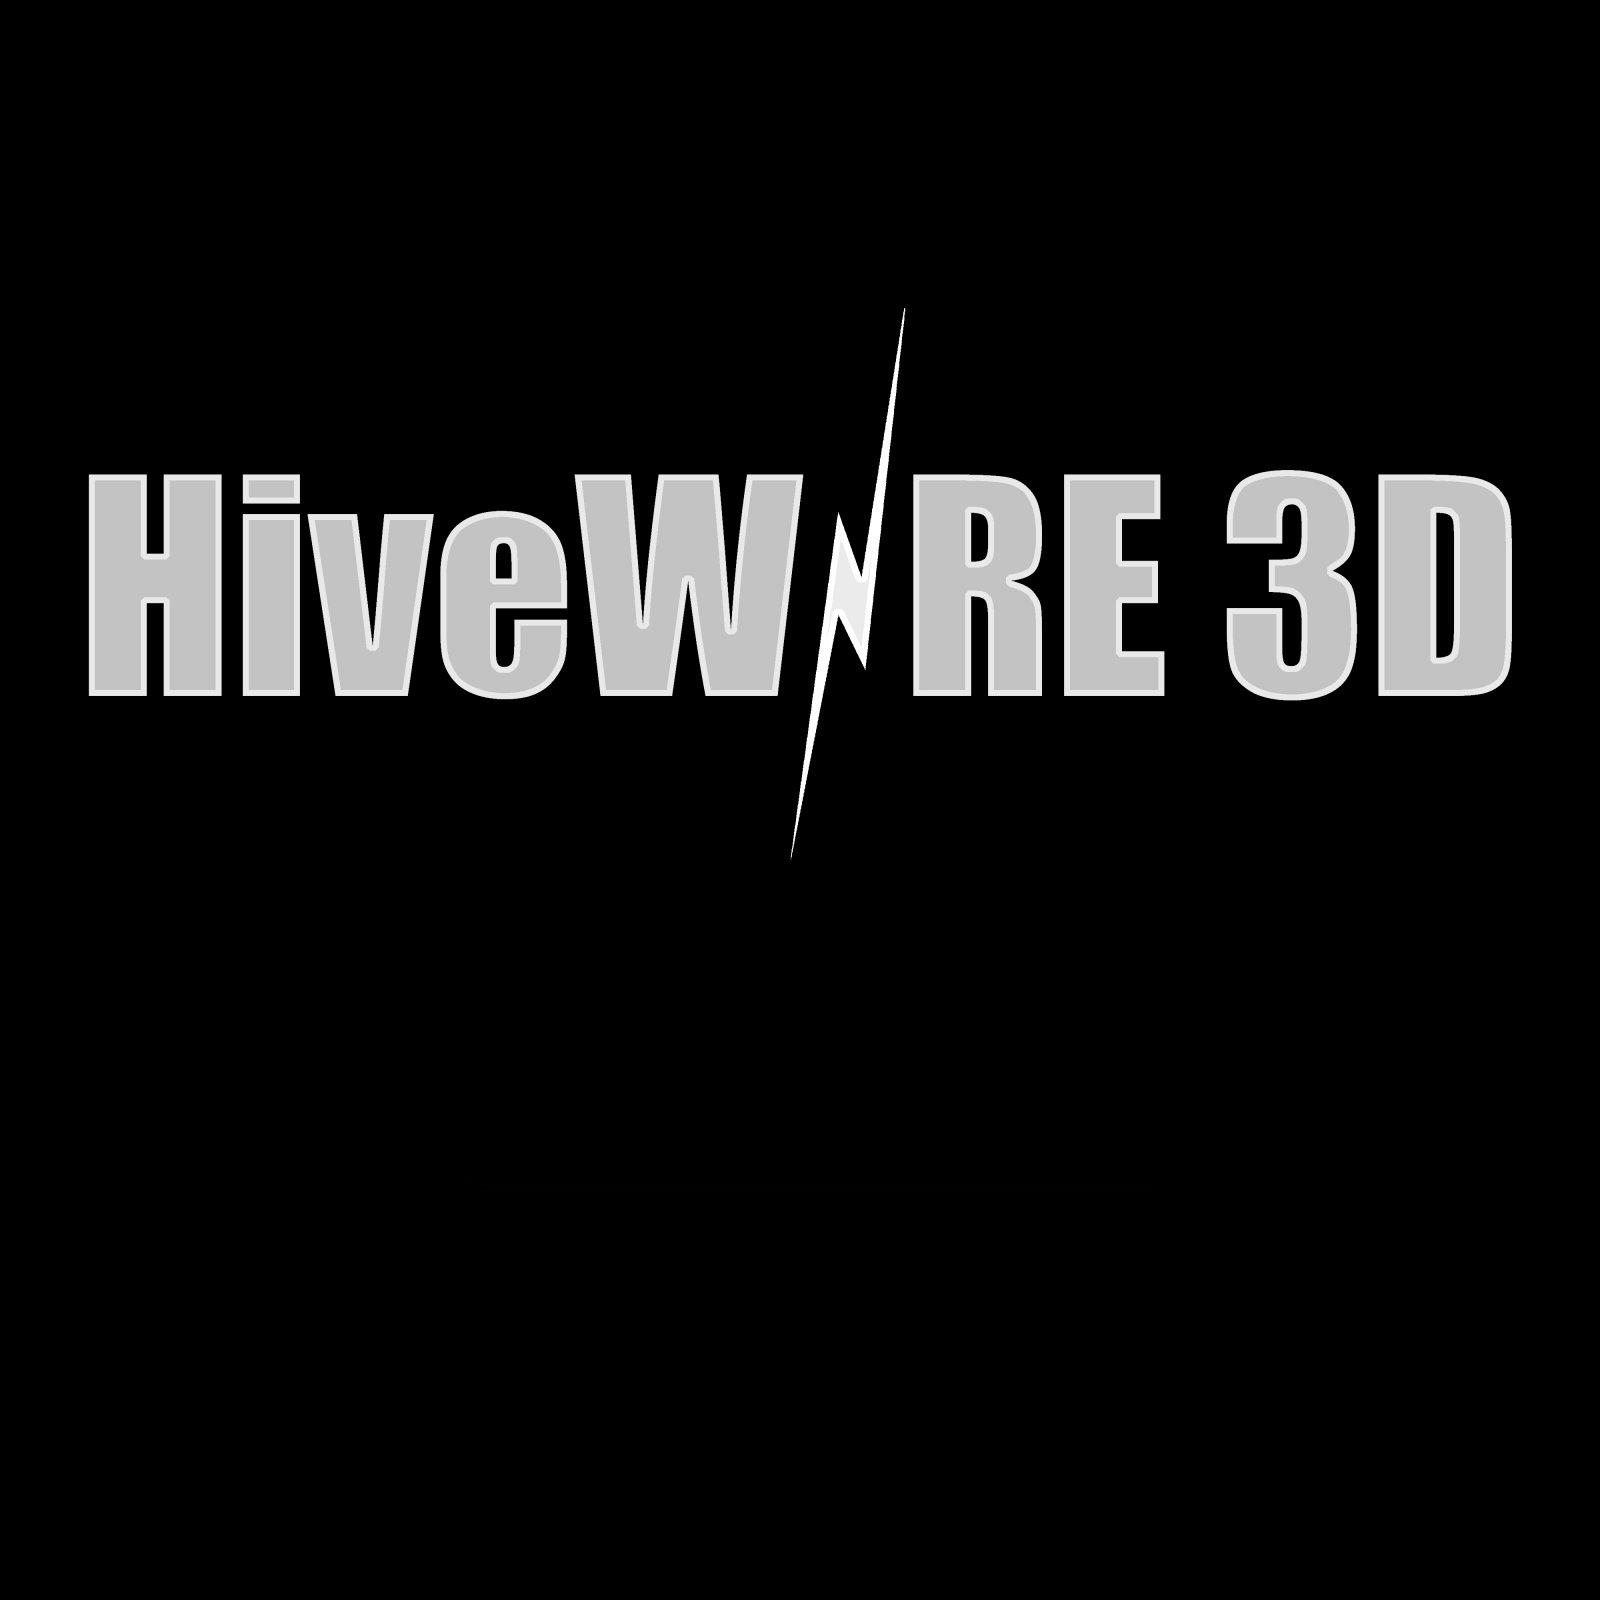 HW_Displace1.jpg